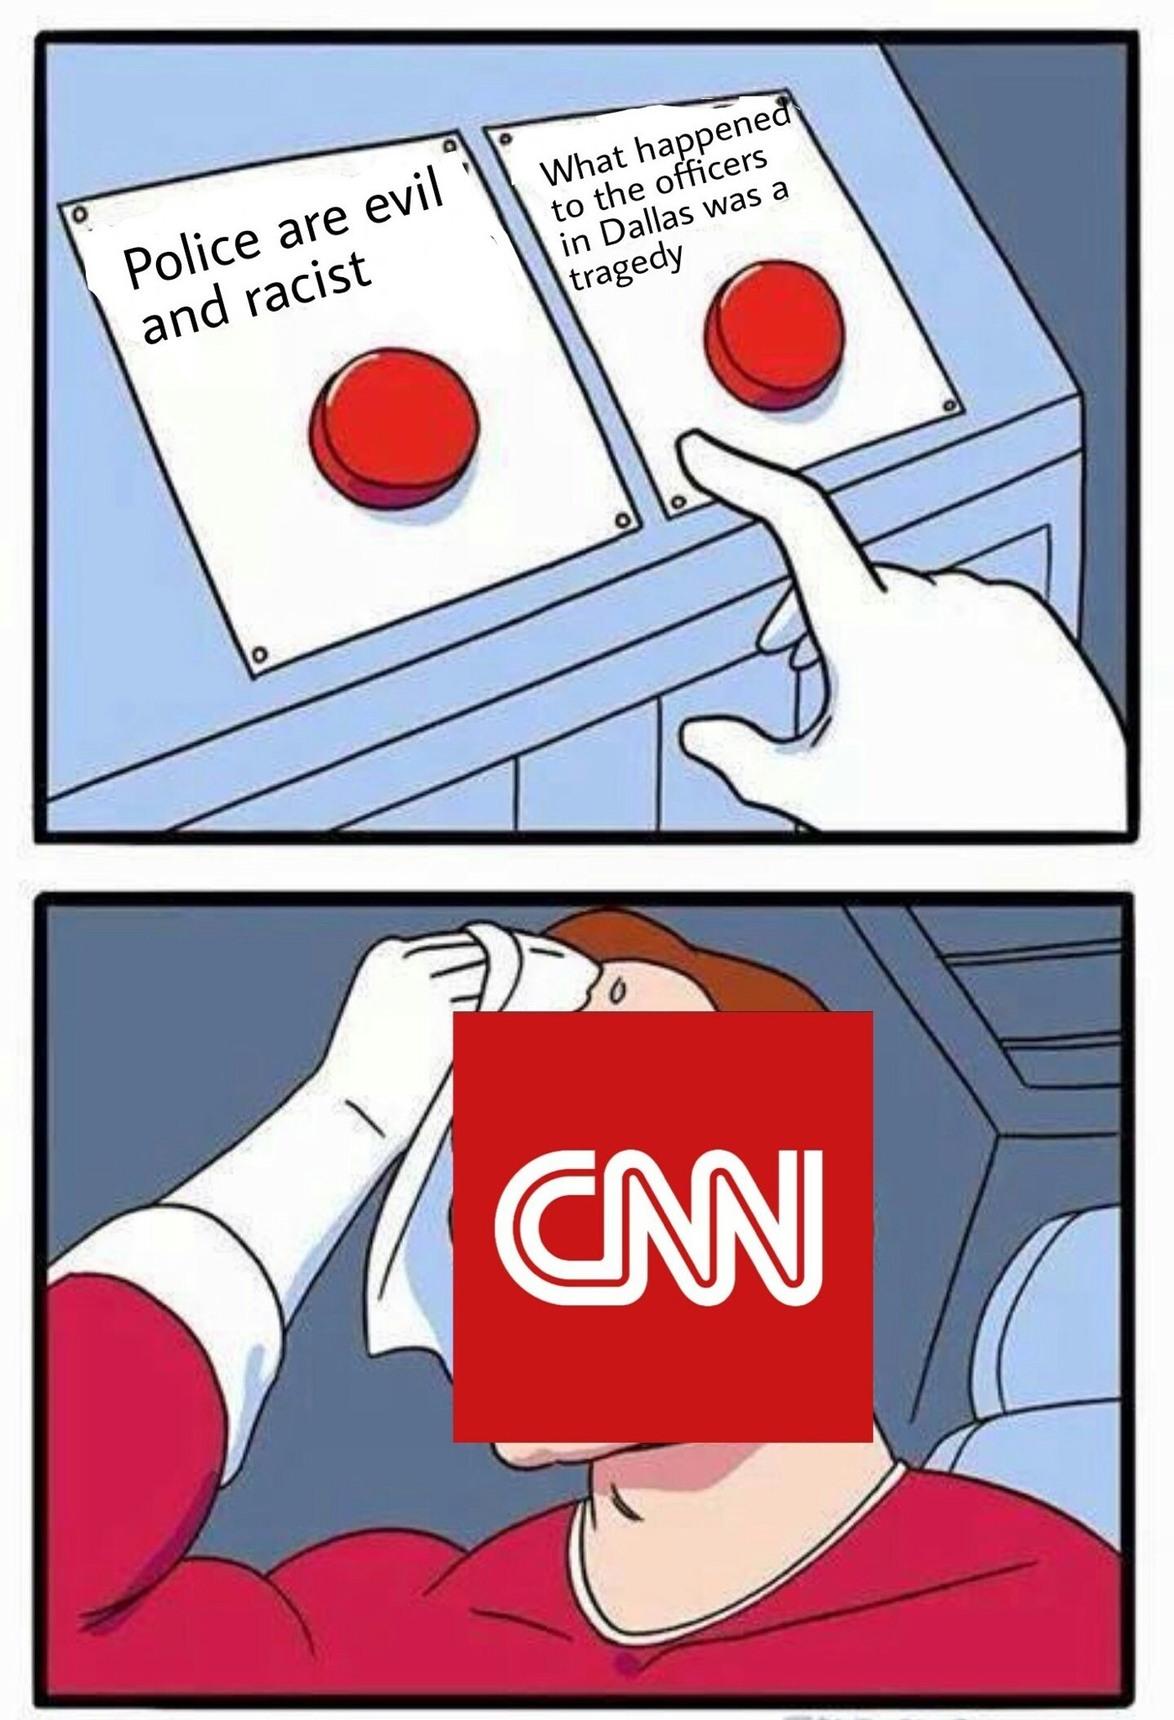 cnn today smh - meme